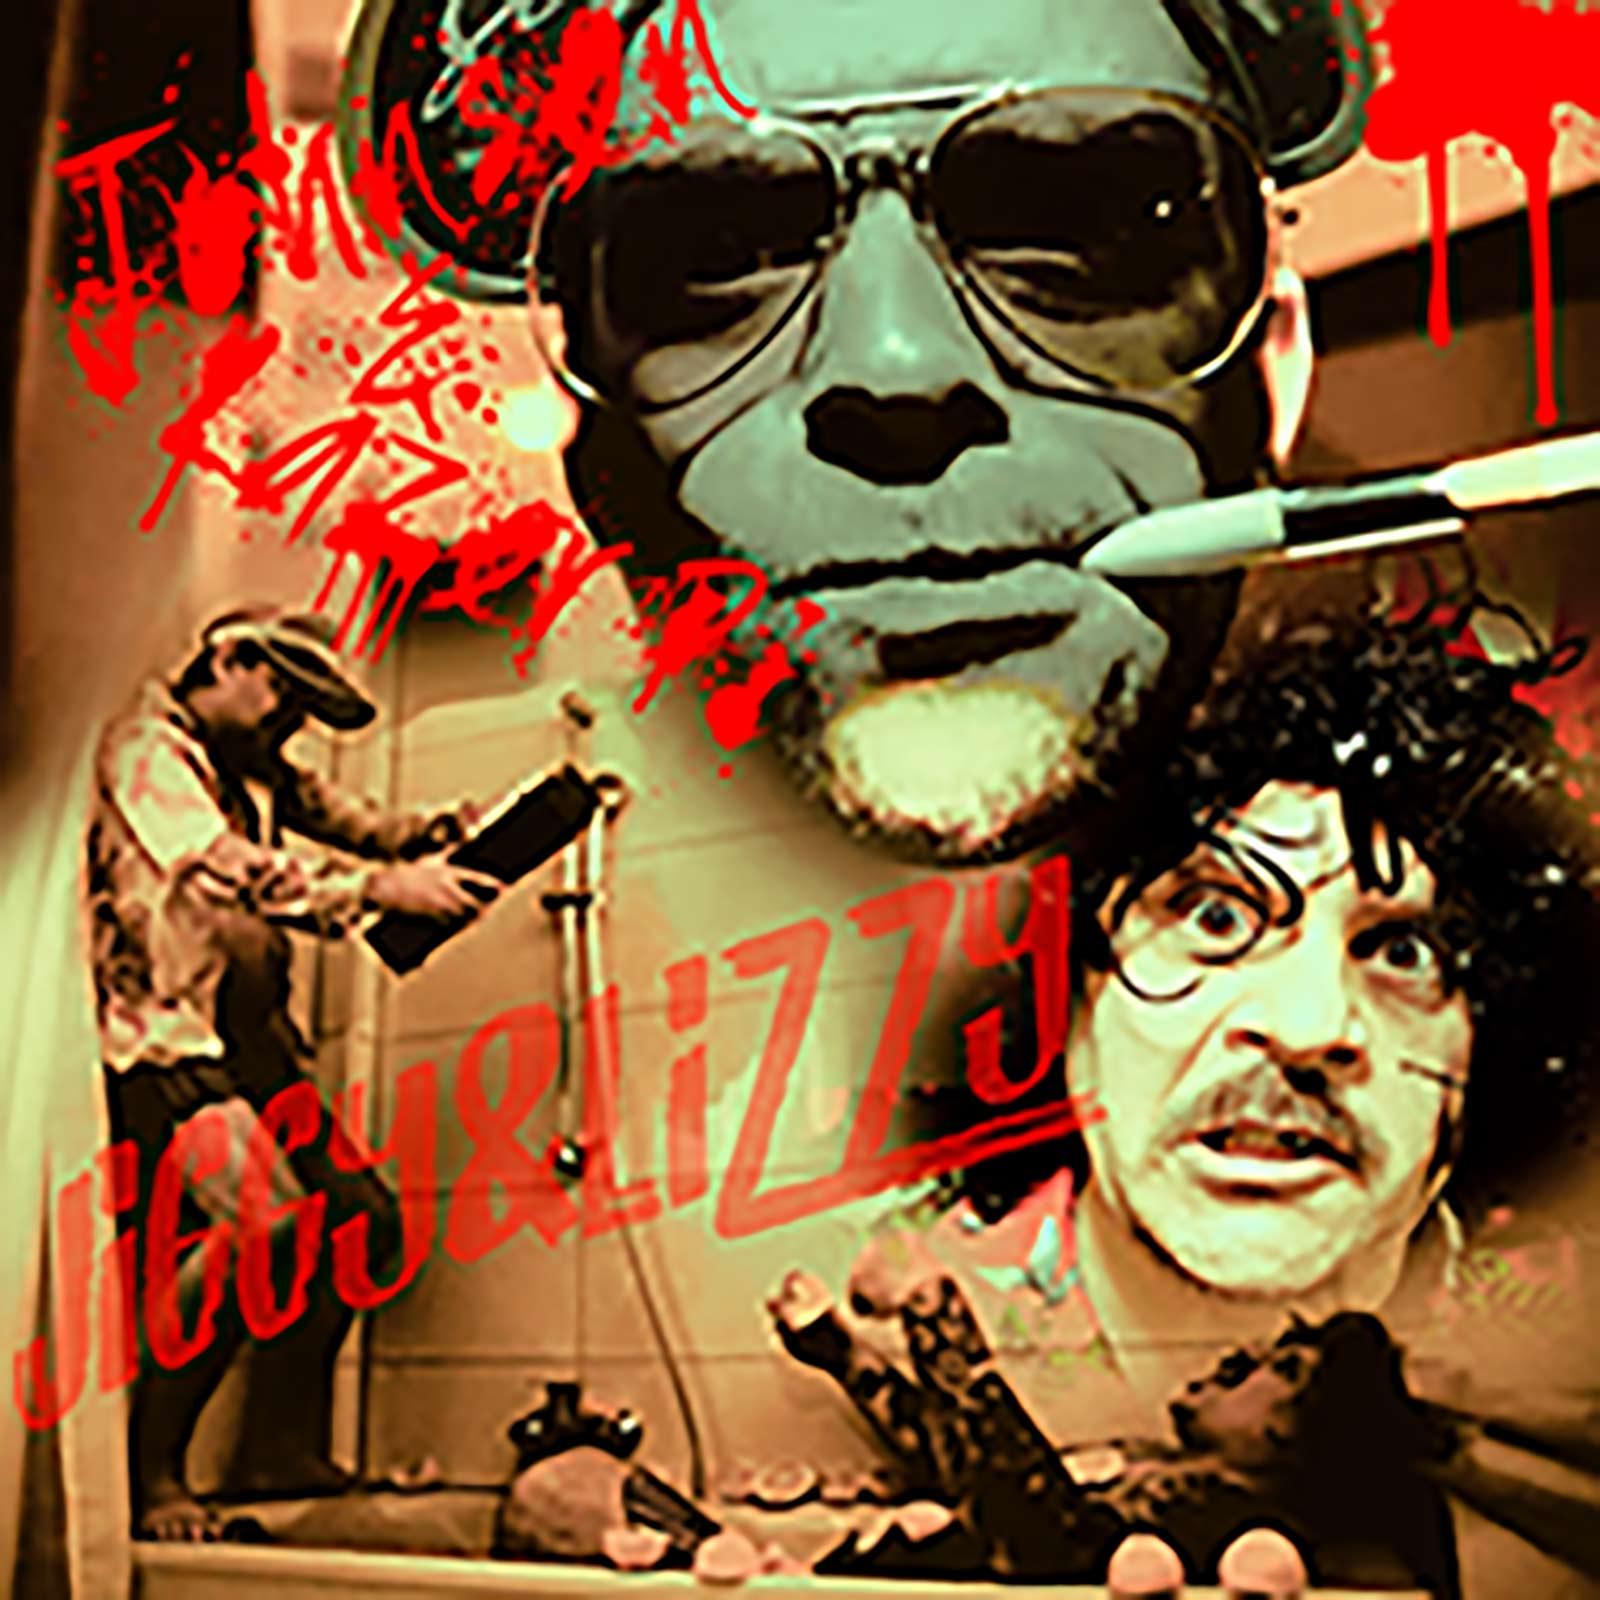 Upcoming: Hunter S. Johnsen & Lazer Pi aka Jiggi &Lizzy - Fledermausland - Junge, Steig Ein!